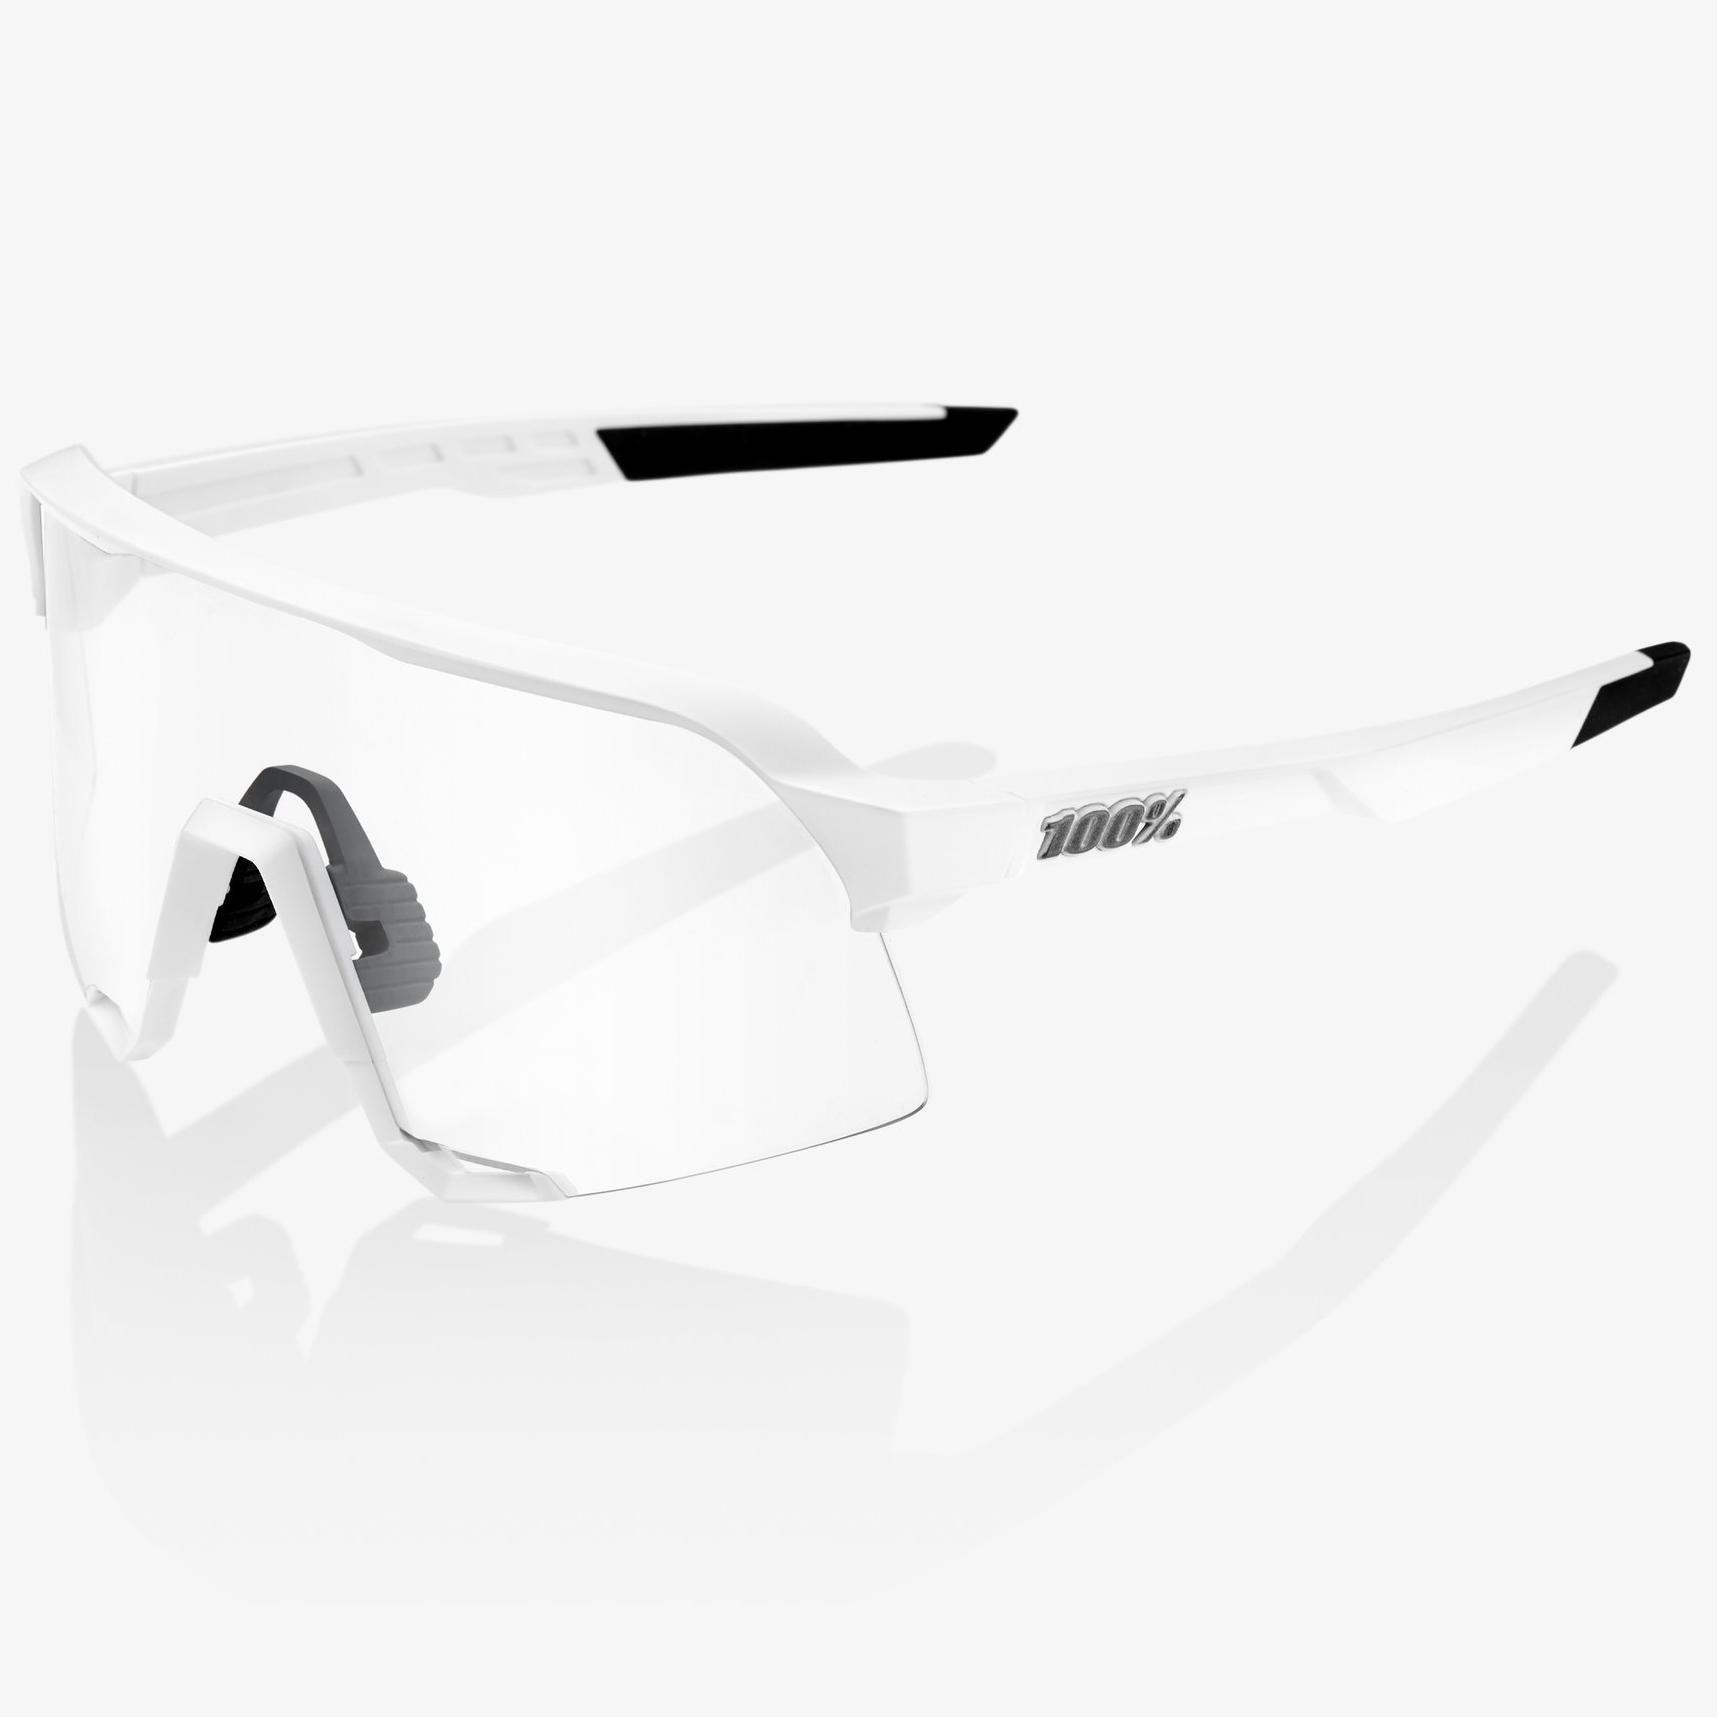 Imagen de 100% S3 HiPER Mirror Glasses - Matte White/Silver + Clear